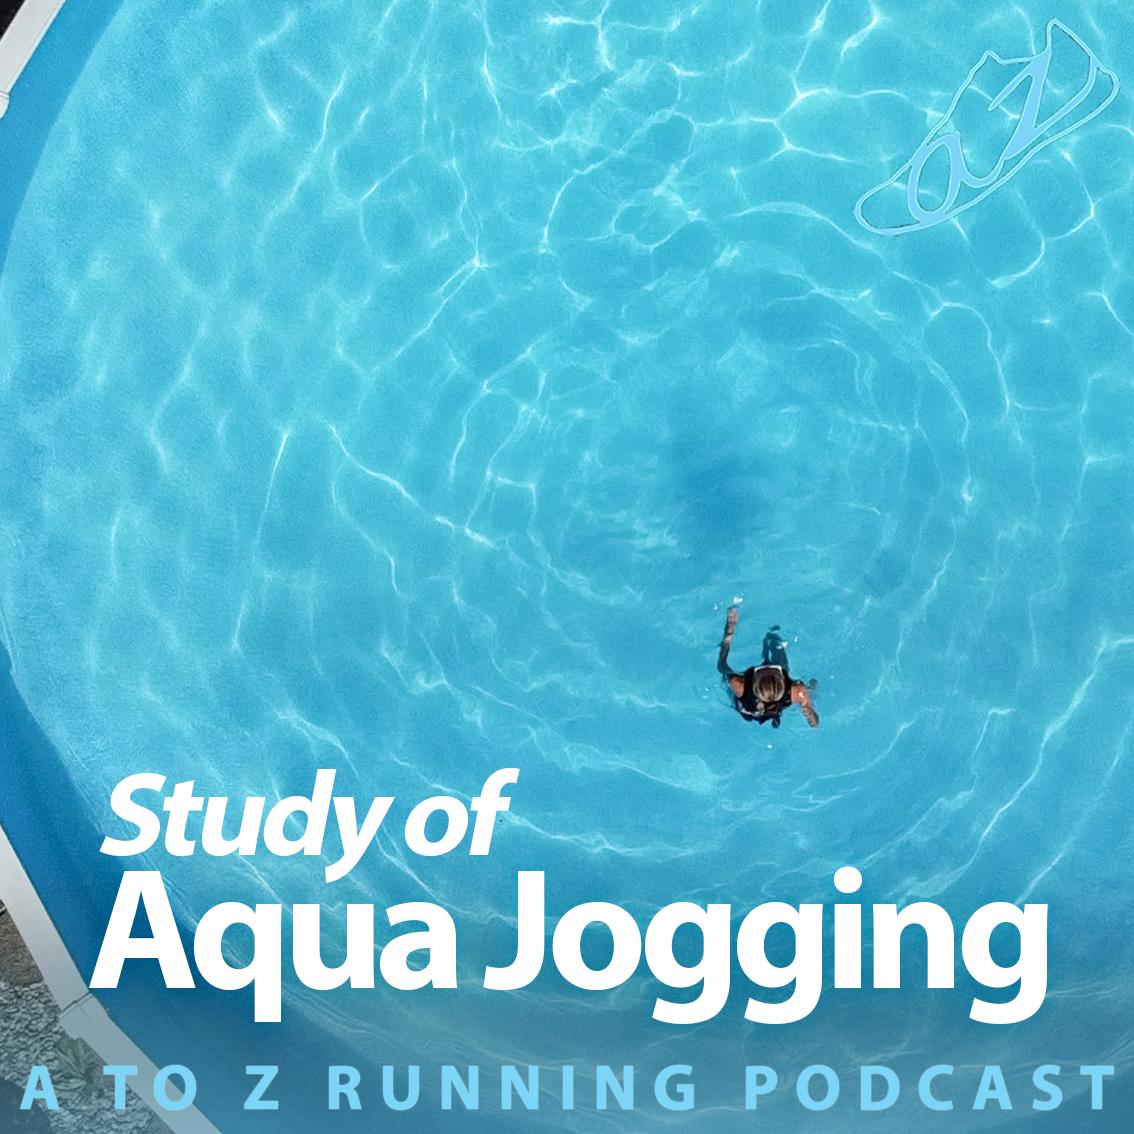 Study of Aqua Jogging